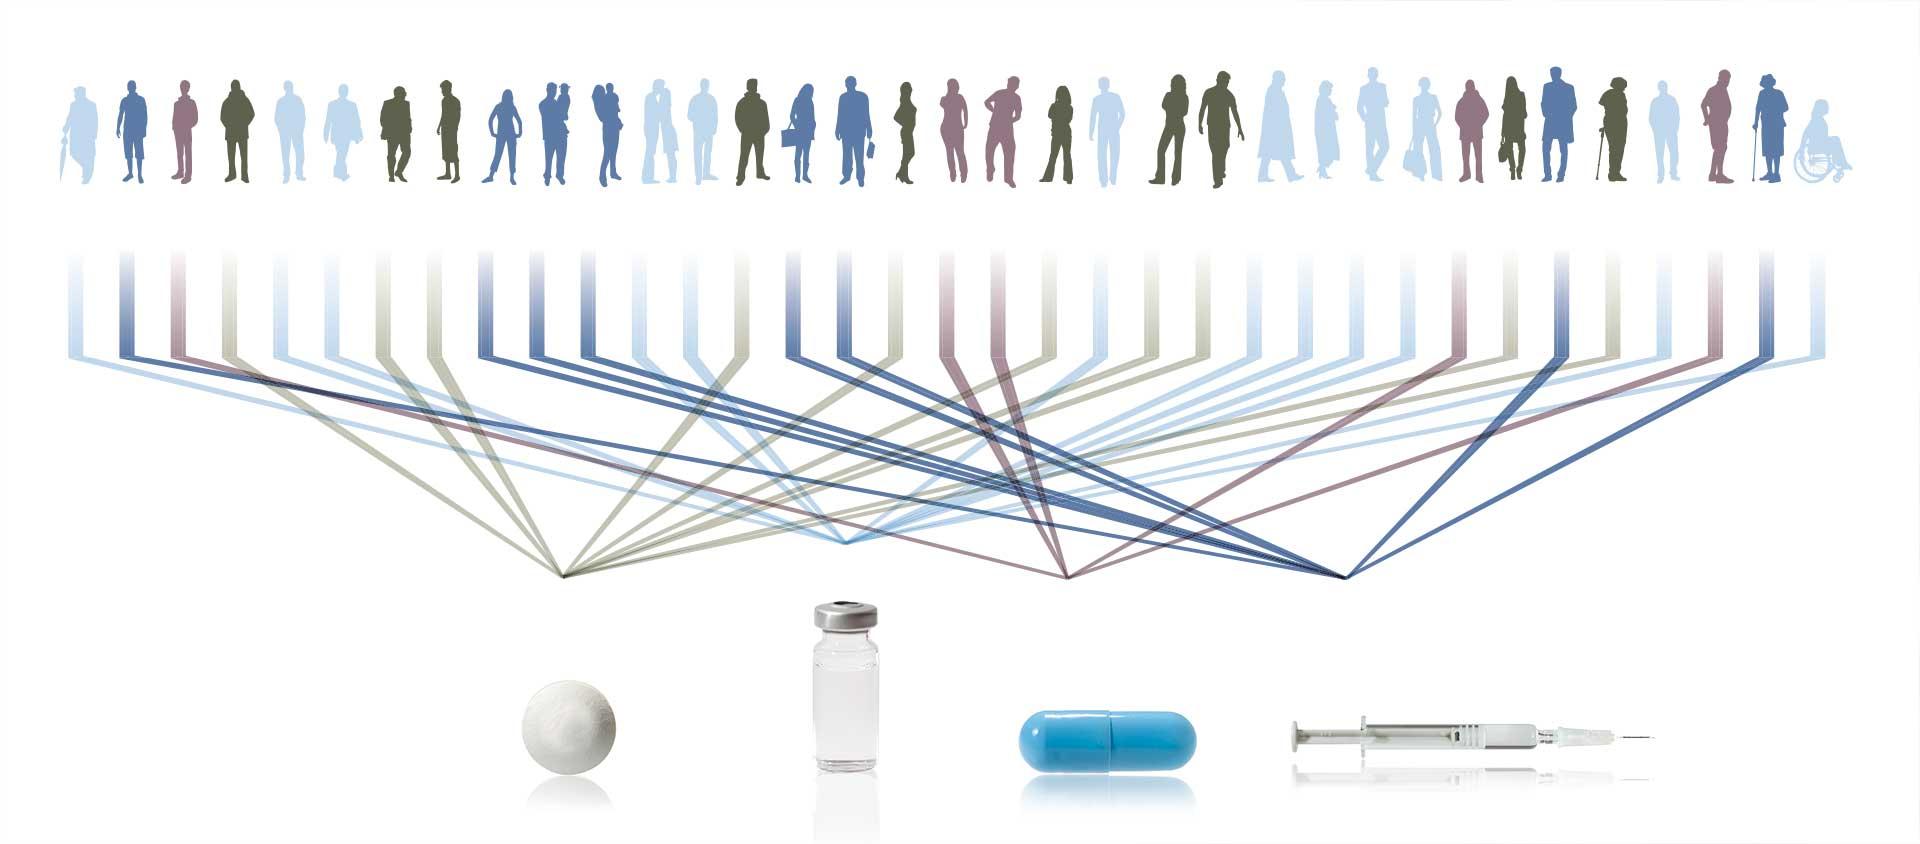 بهداشت و درمان شخصی برای هر بیمار سرطانی منحصر به فرد است